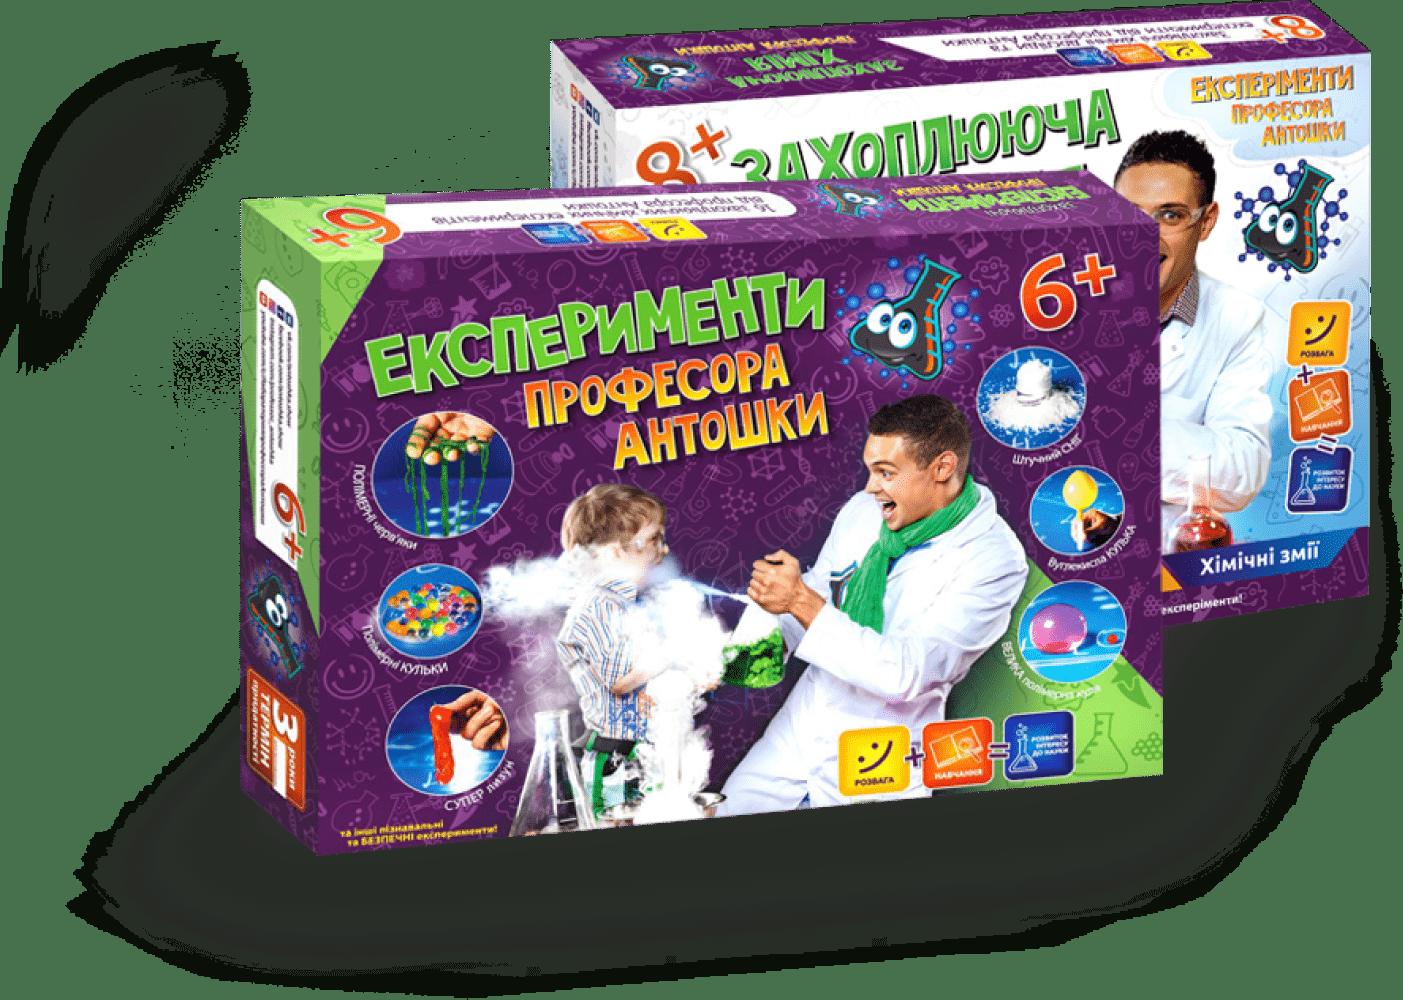 Наборы для экспериментов